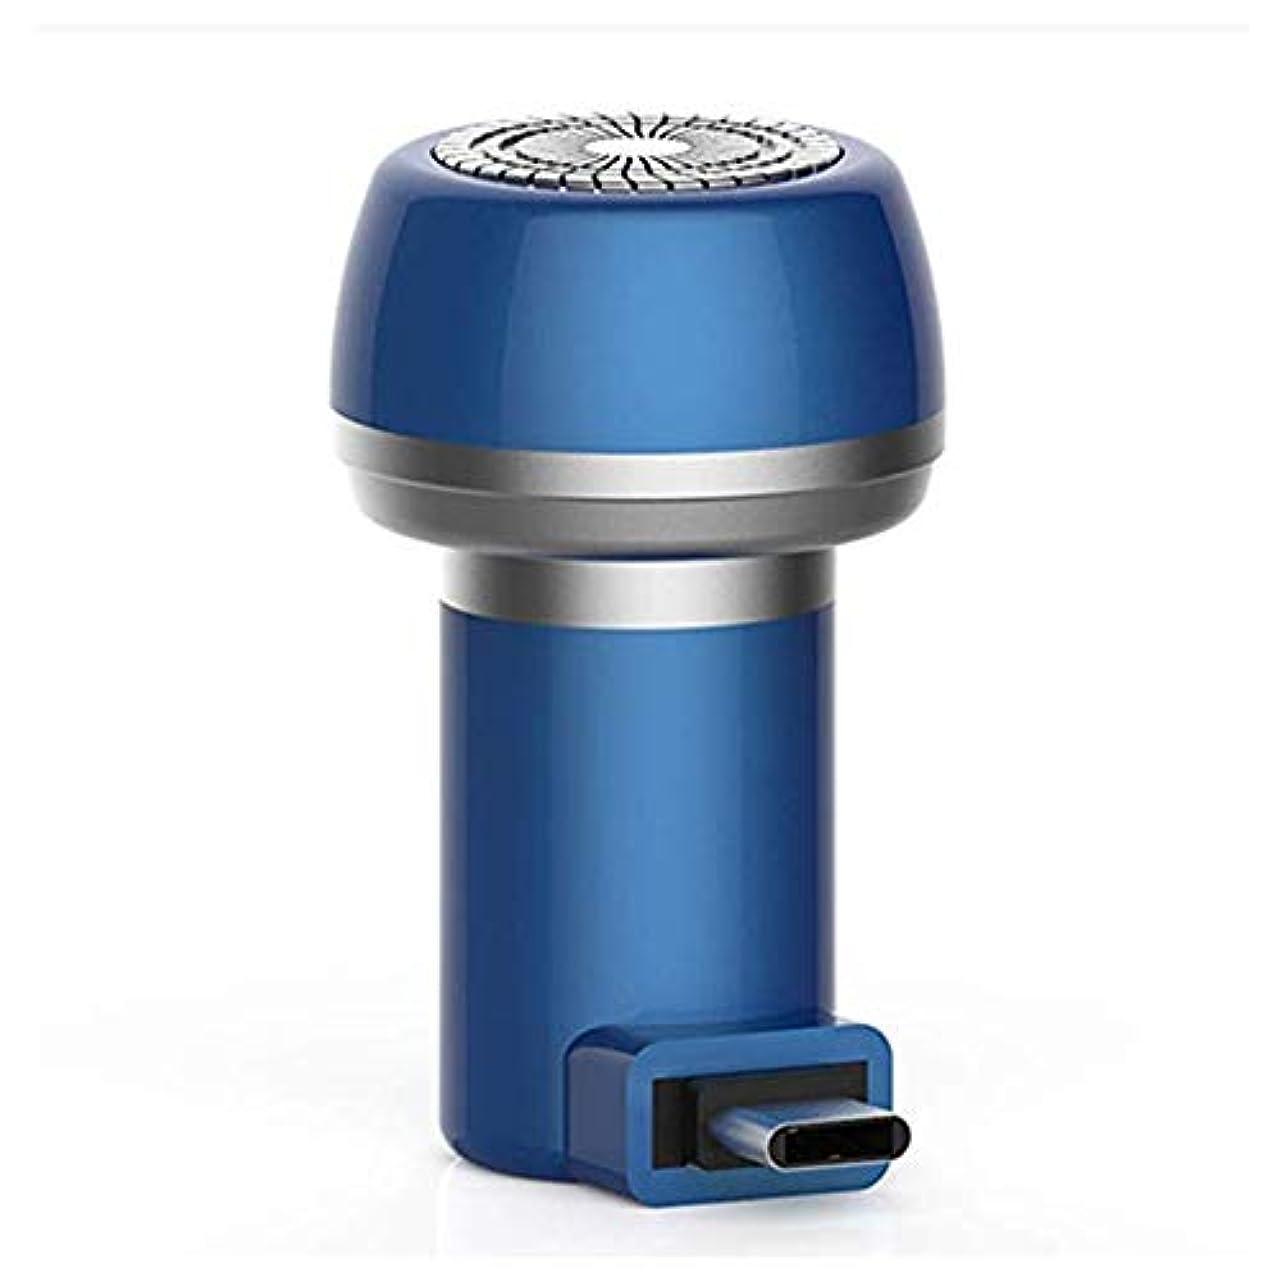 折る変えるジョグトラベル電気シェーバー、携帯電話シェーバーと互換性のある男性と女性用の電気真空包装用電気顔シェーバーリムーバー、 (Type-c, ブルー)